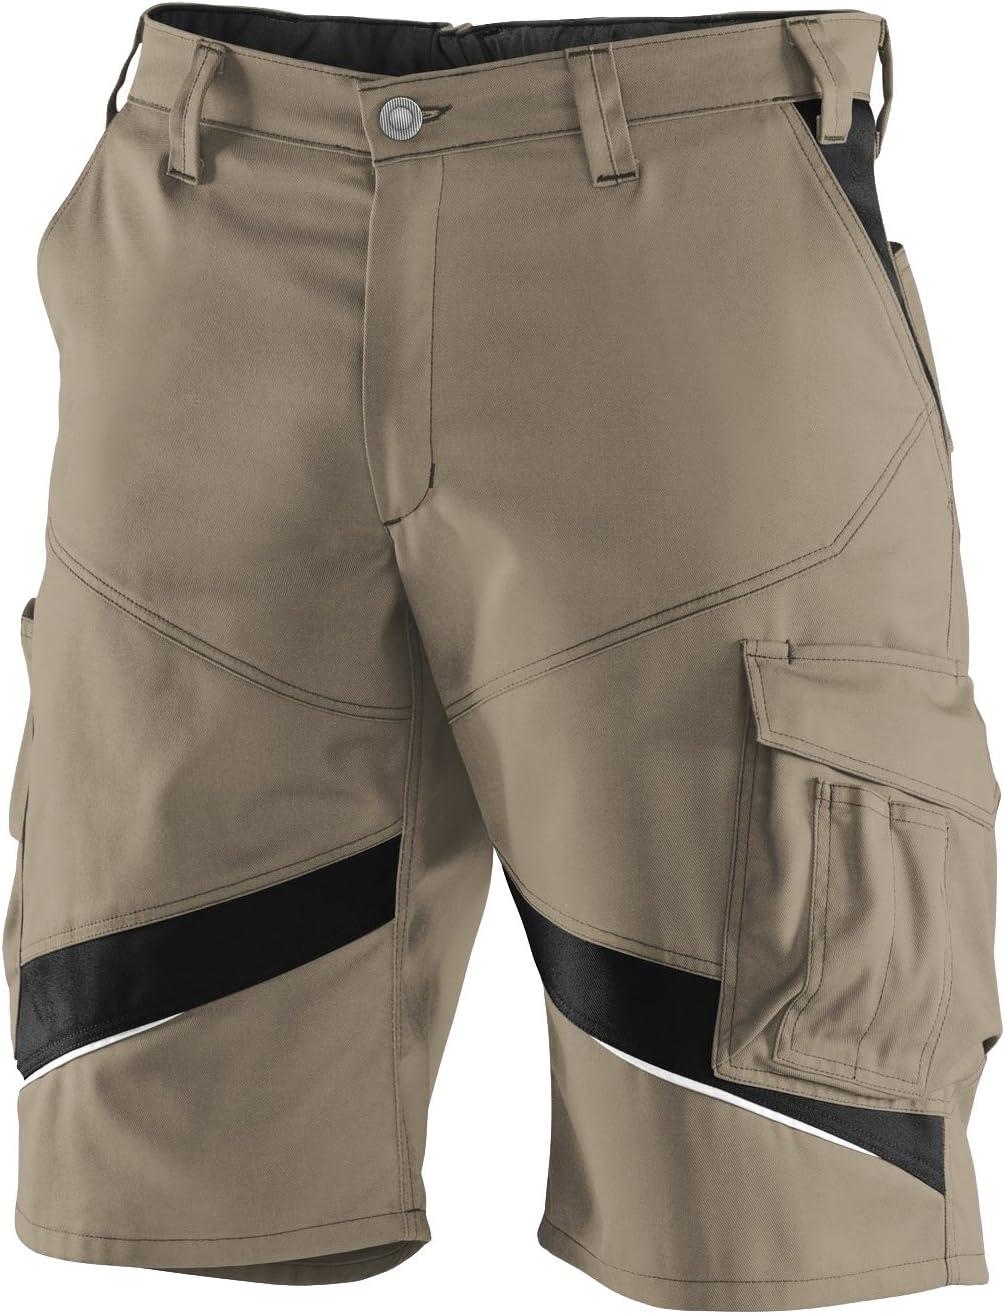 K/übler 24505365-2599-44 Shorts Activiq Gr/ö/ße 44 in sandbraun//schwarz